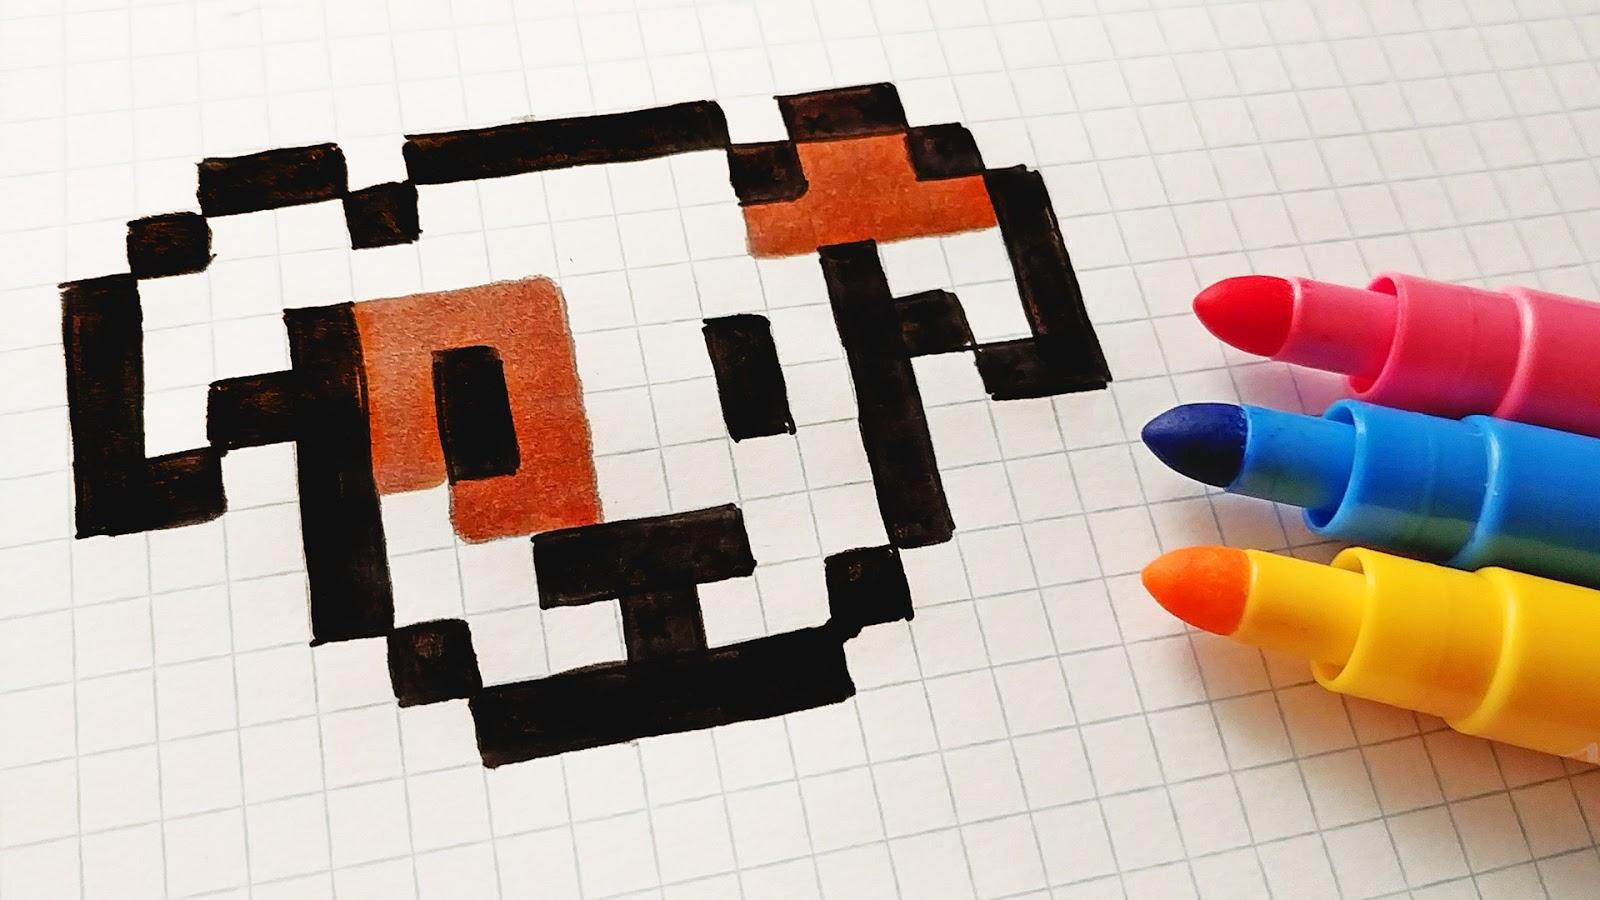 Dog Pixel Art Hot Trending Now